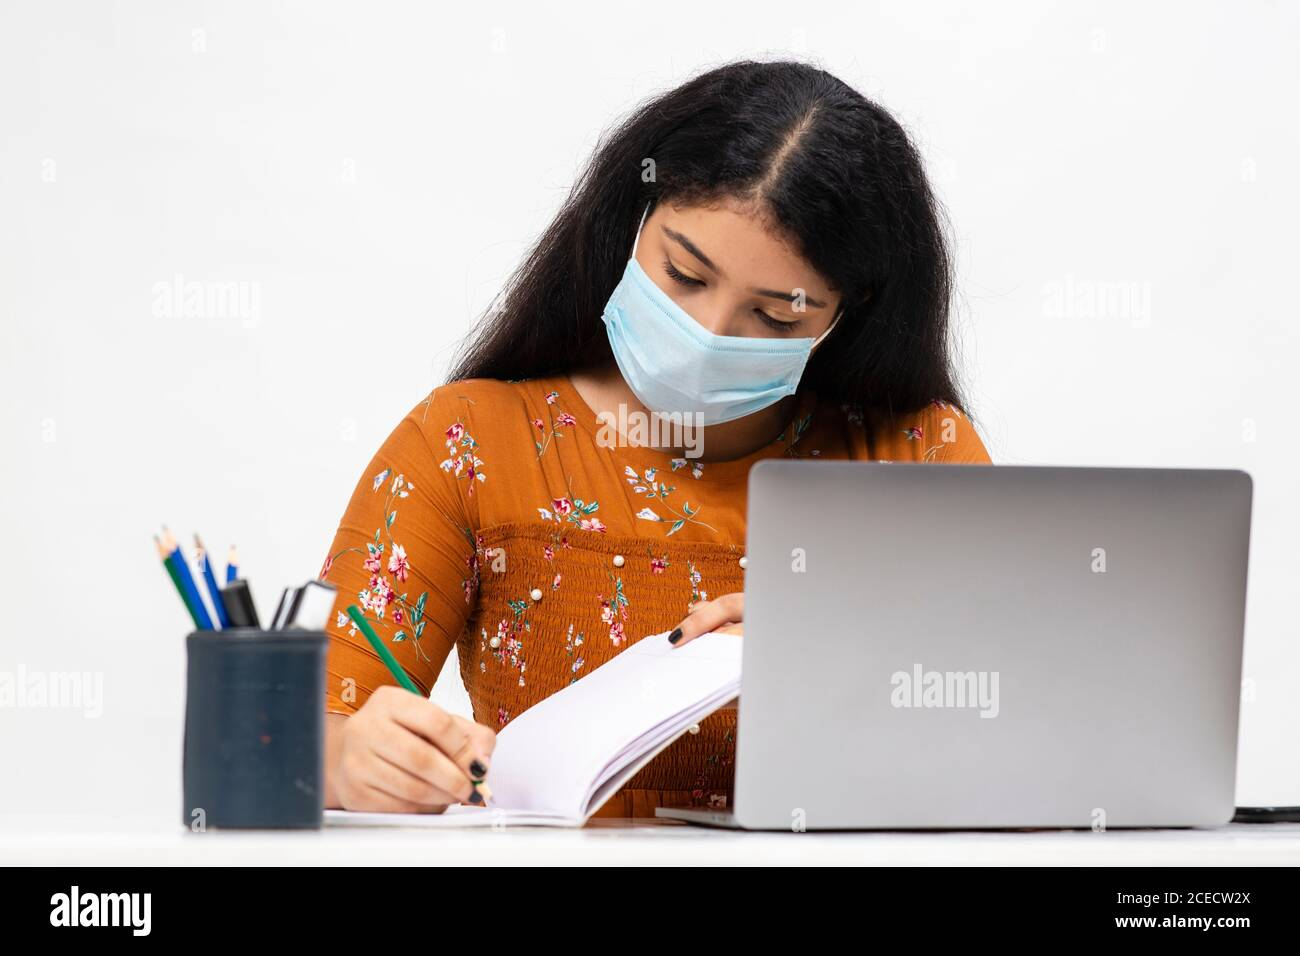 Hübsche junge indische Frau sitzt vor weißem Hintergrund und mit ihrem Laptop. Nette Teenager tun ihre Online-Schularbeiten von zu Hause aus Stockfoto